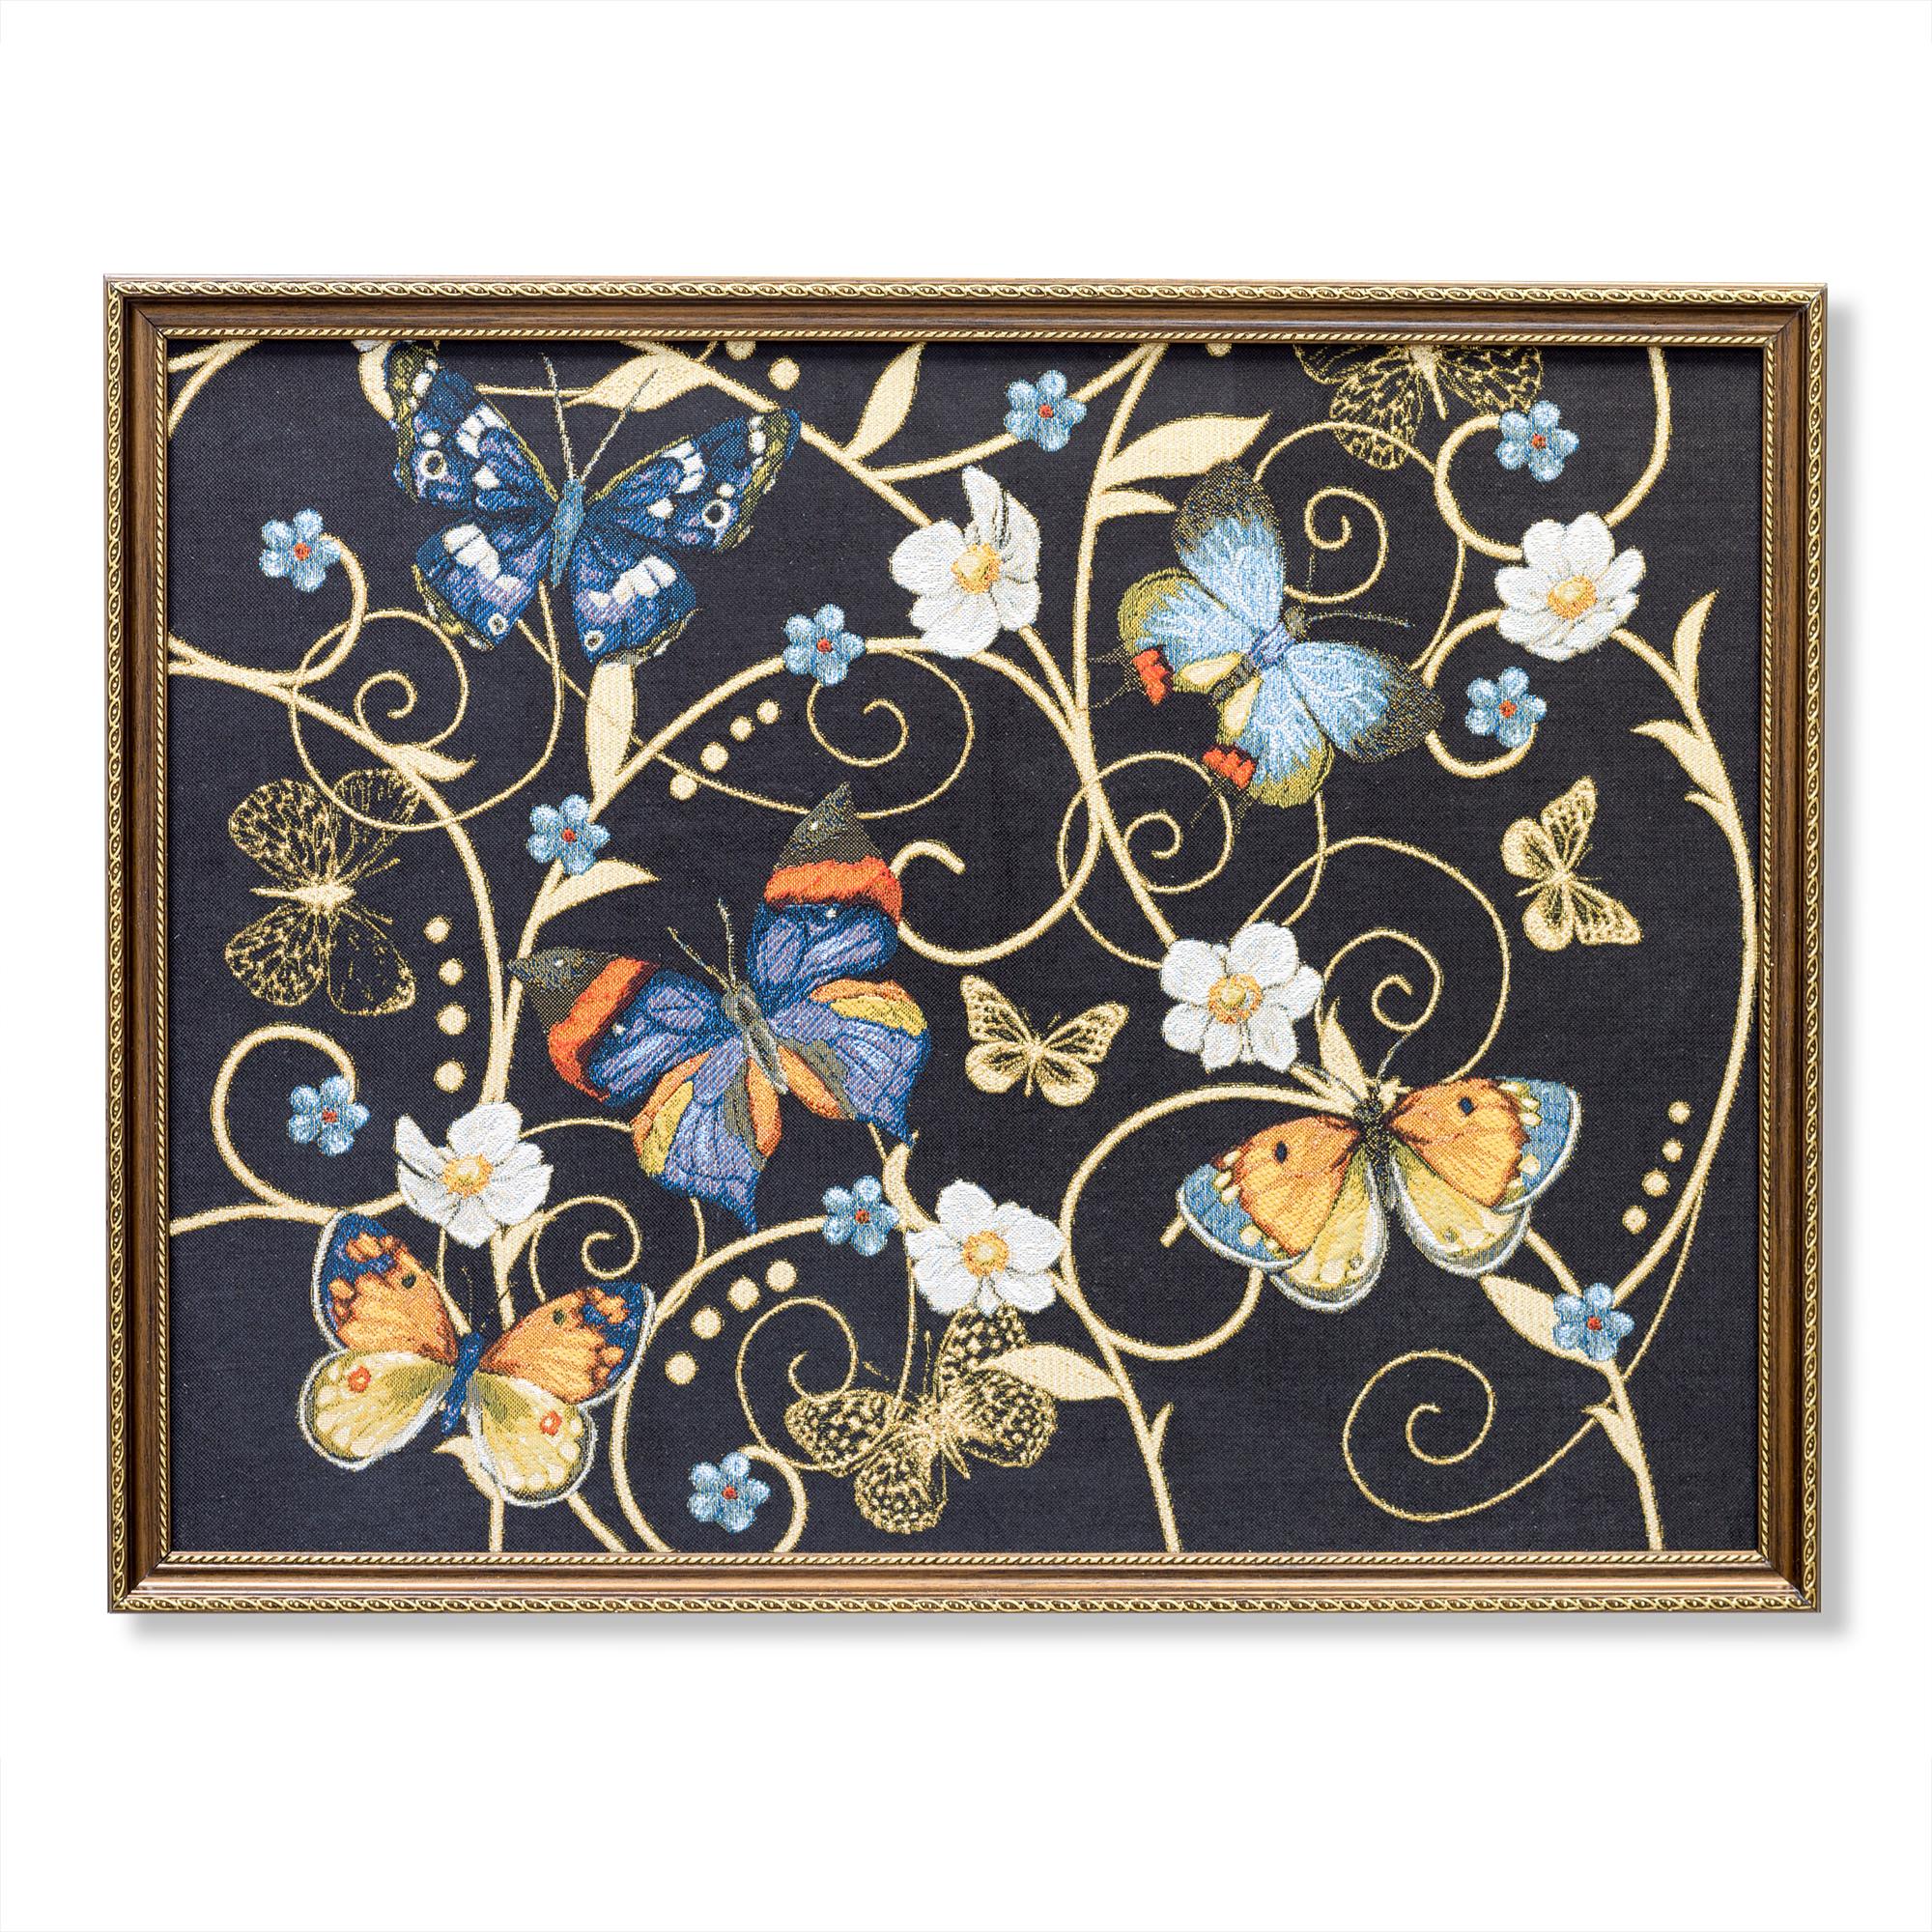 Купить Картины, постеры, гобелены, панно A La Gobelin, Картина Бабочки Летают (45х72 см), Россия, Гобелен